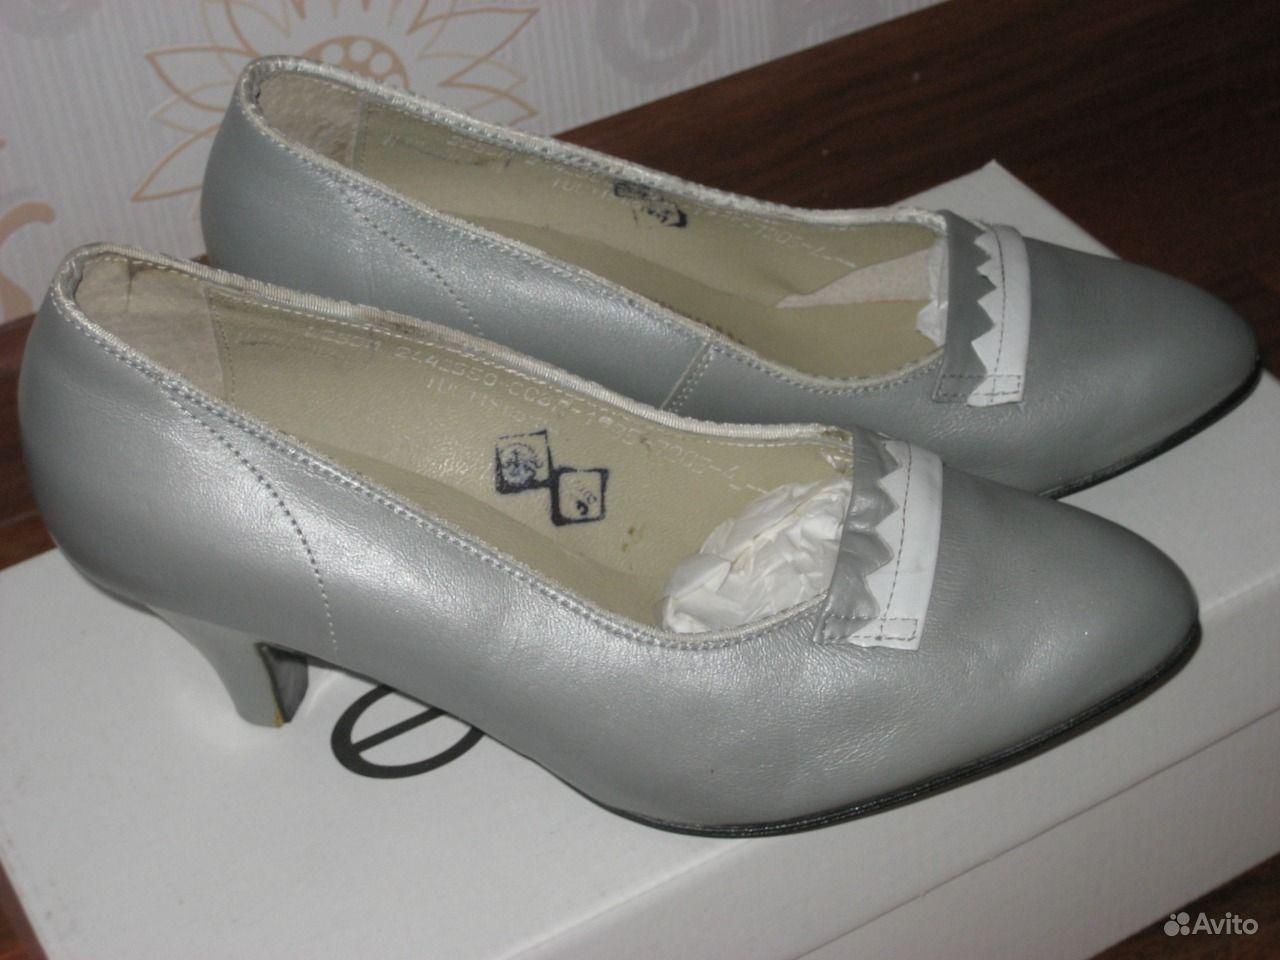 Баркито таблица размеров обуви